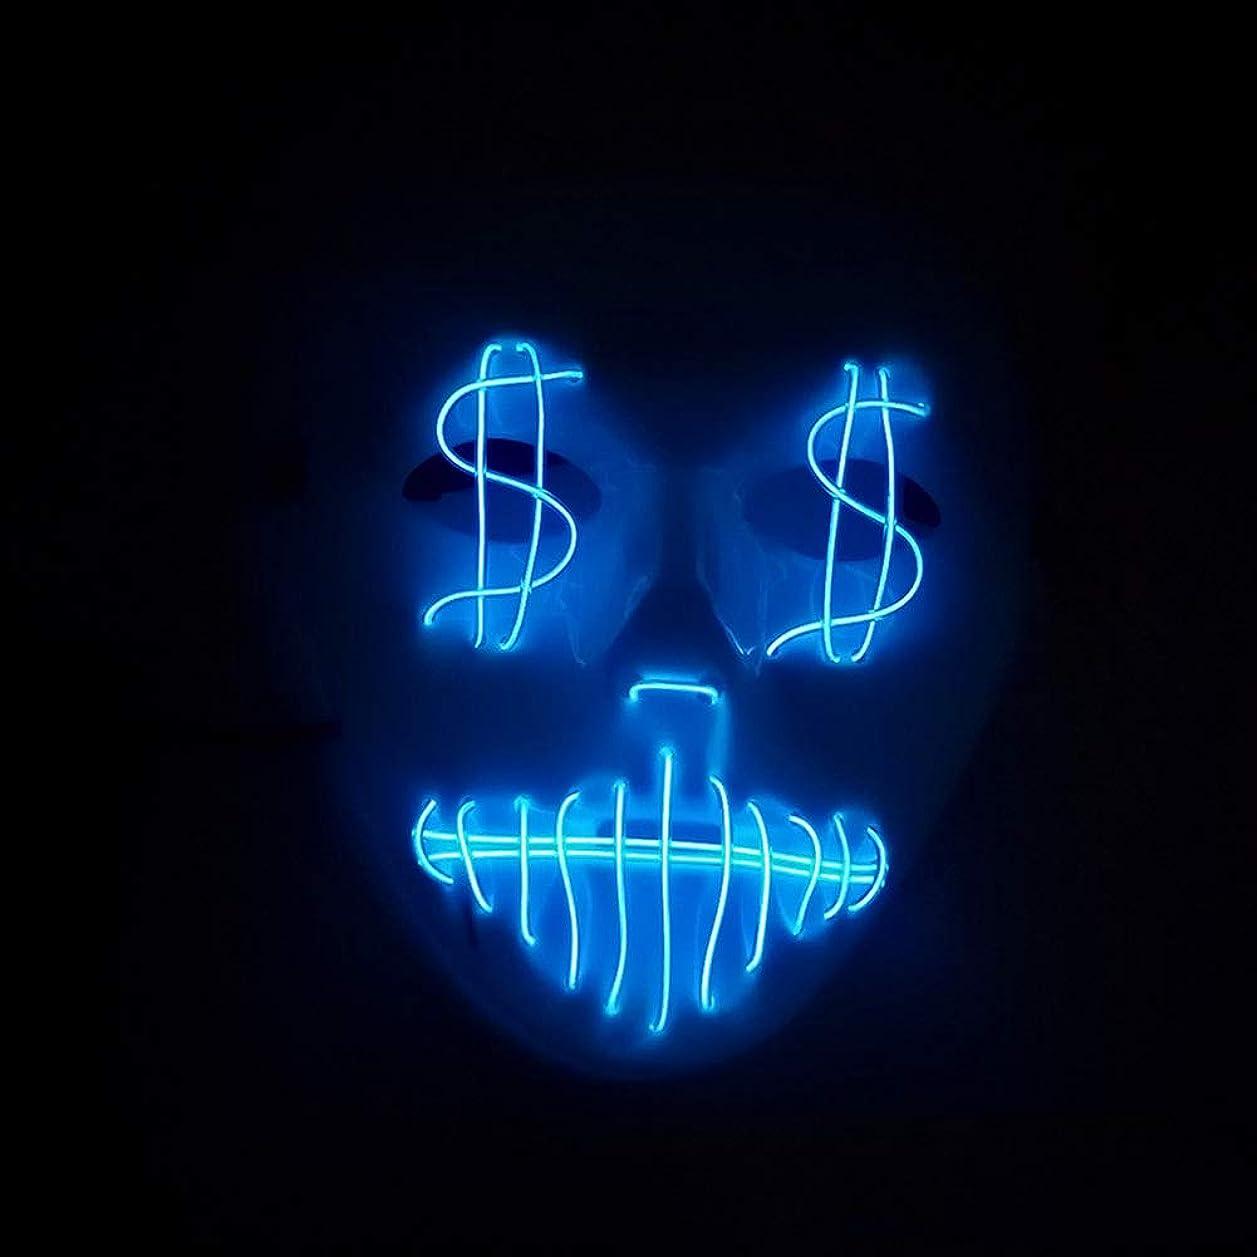 入場料先祖強いテロ イルミネーション LED マスク 2個 ハロウィン EL ワイヤー ゴールドライン 口を絞る プロム パーティー マスク (18 * 18 * 9センチメートル) MAG.AL